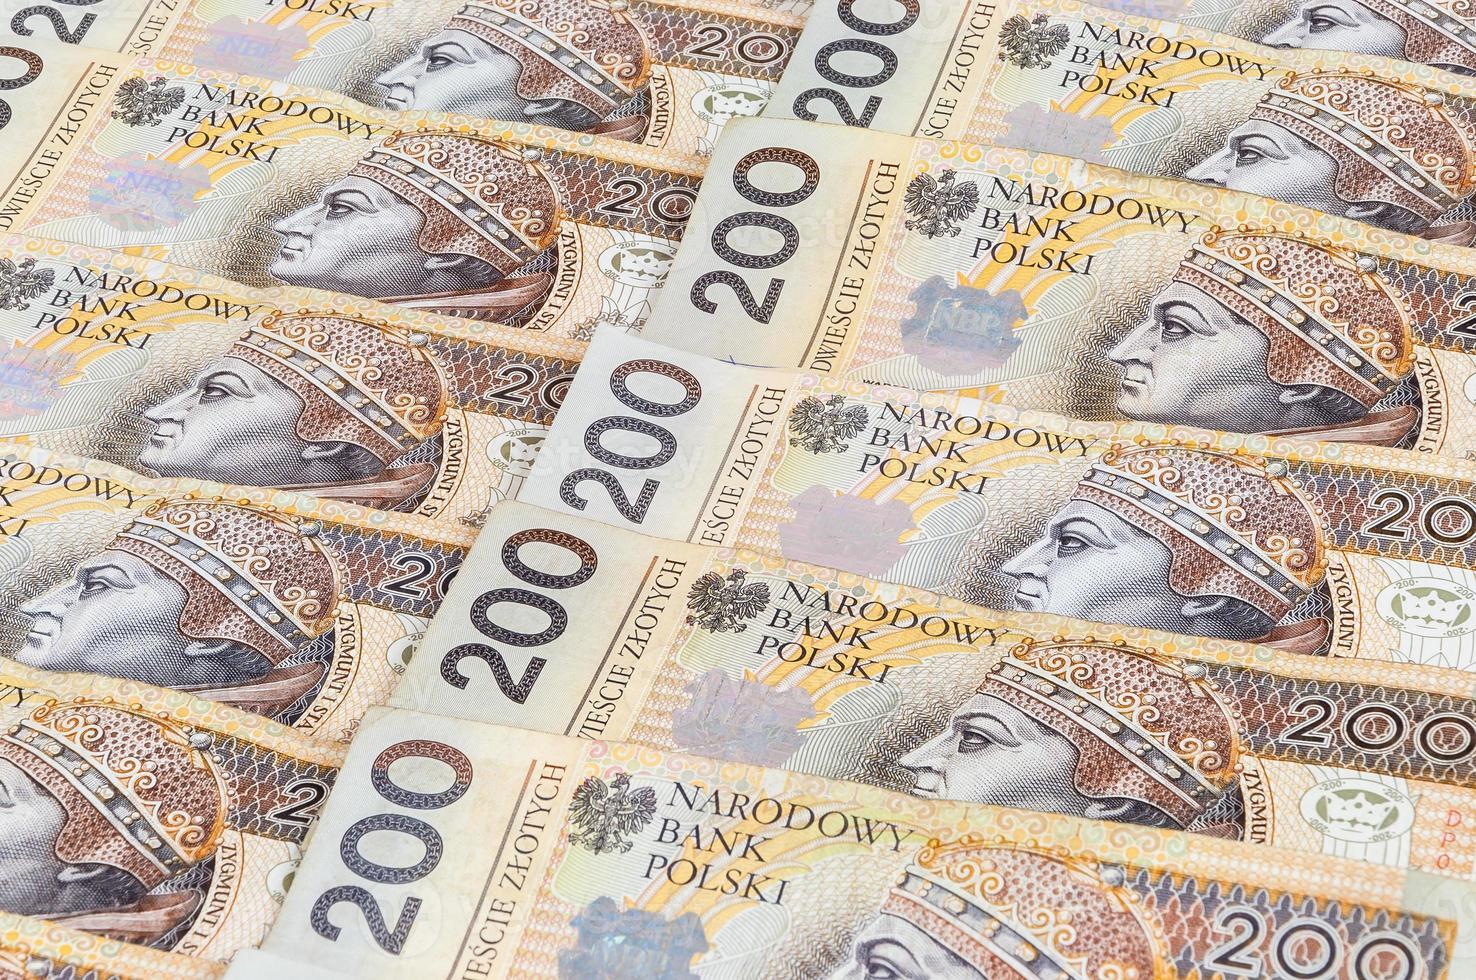 banknoten von 200 pln - polnisch zloty foto